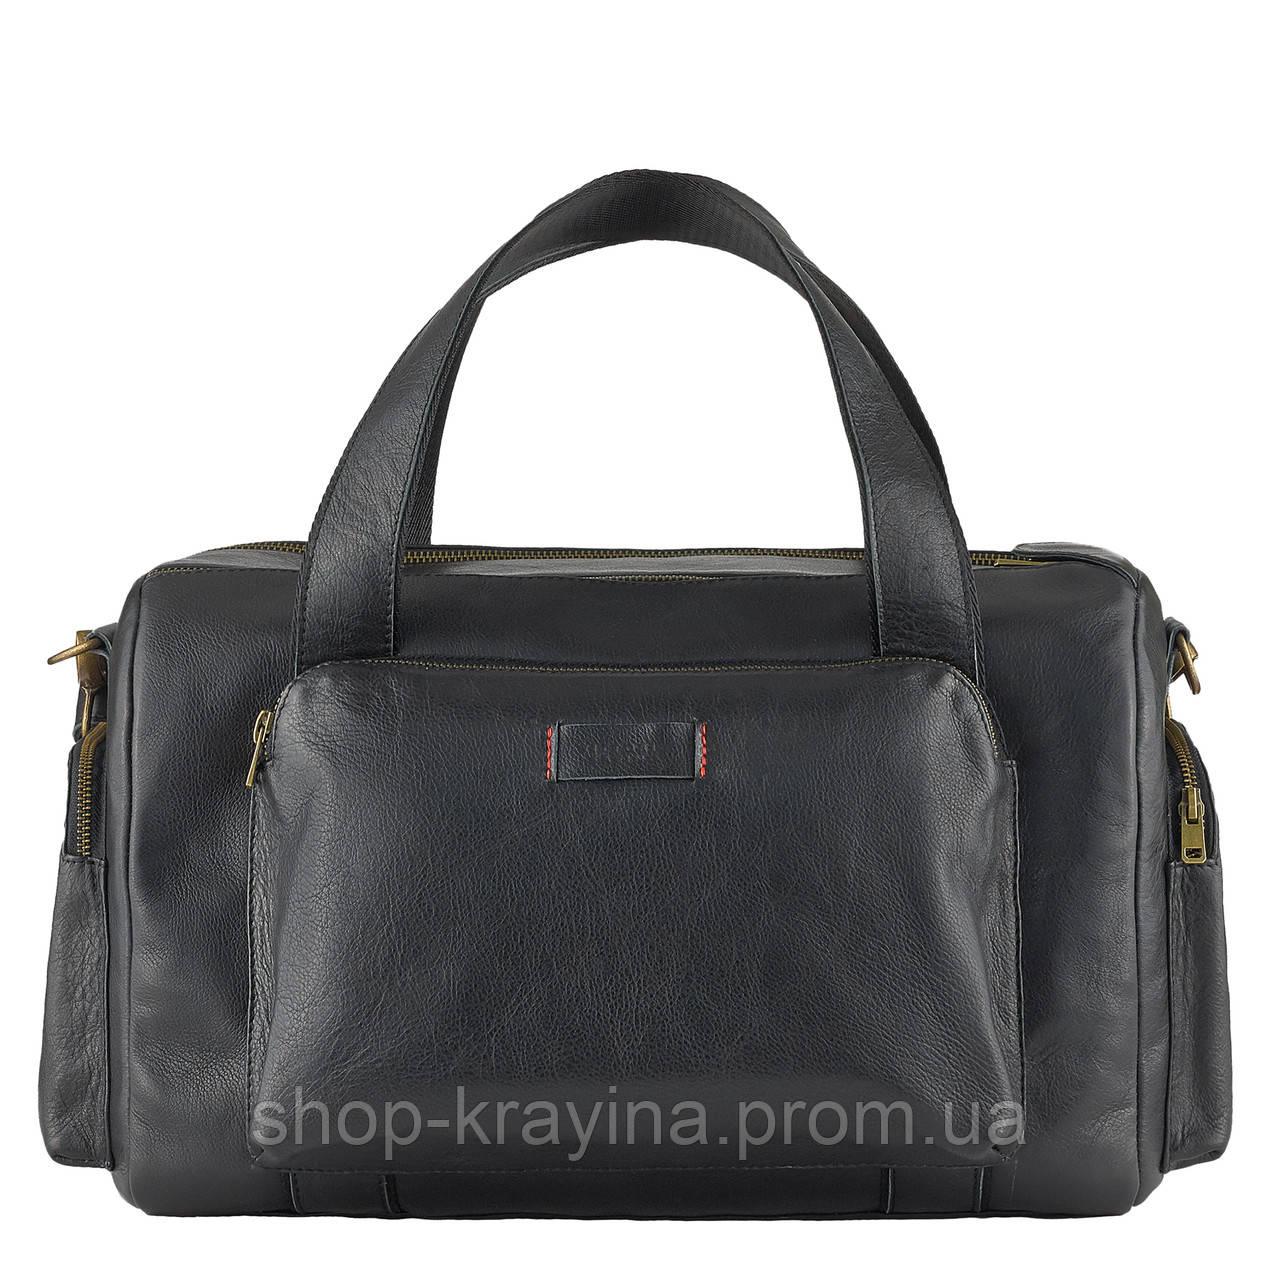 Дорожная сумка  из натуральной кожи VStb black